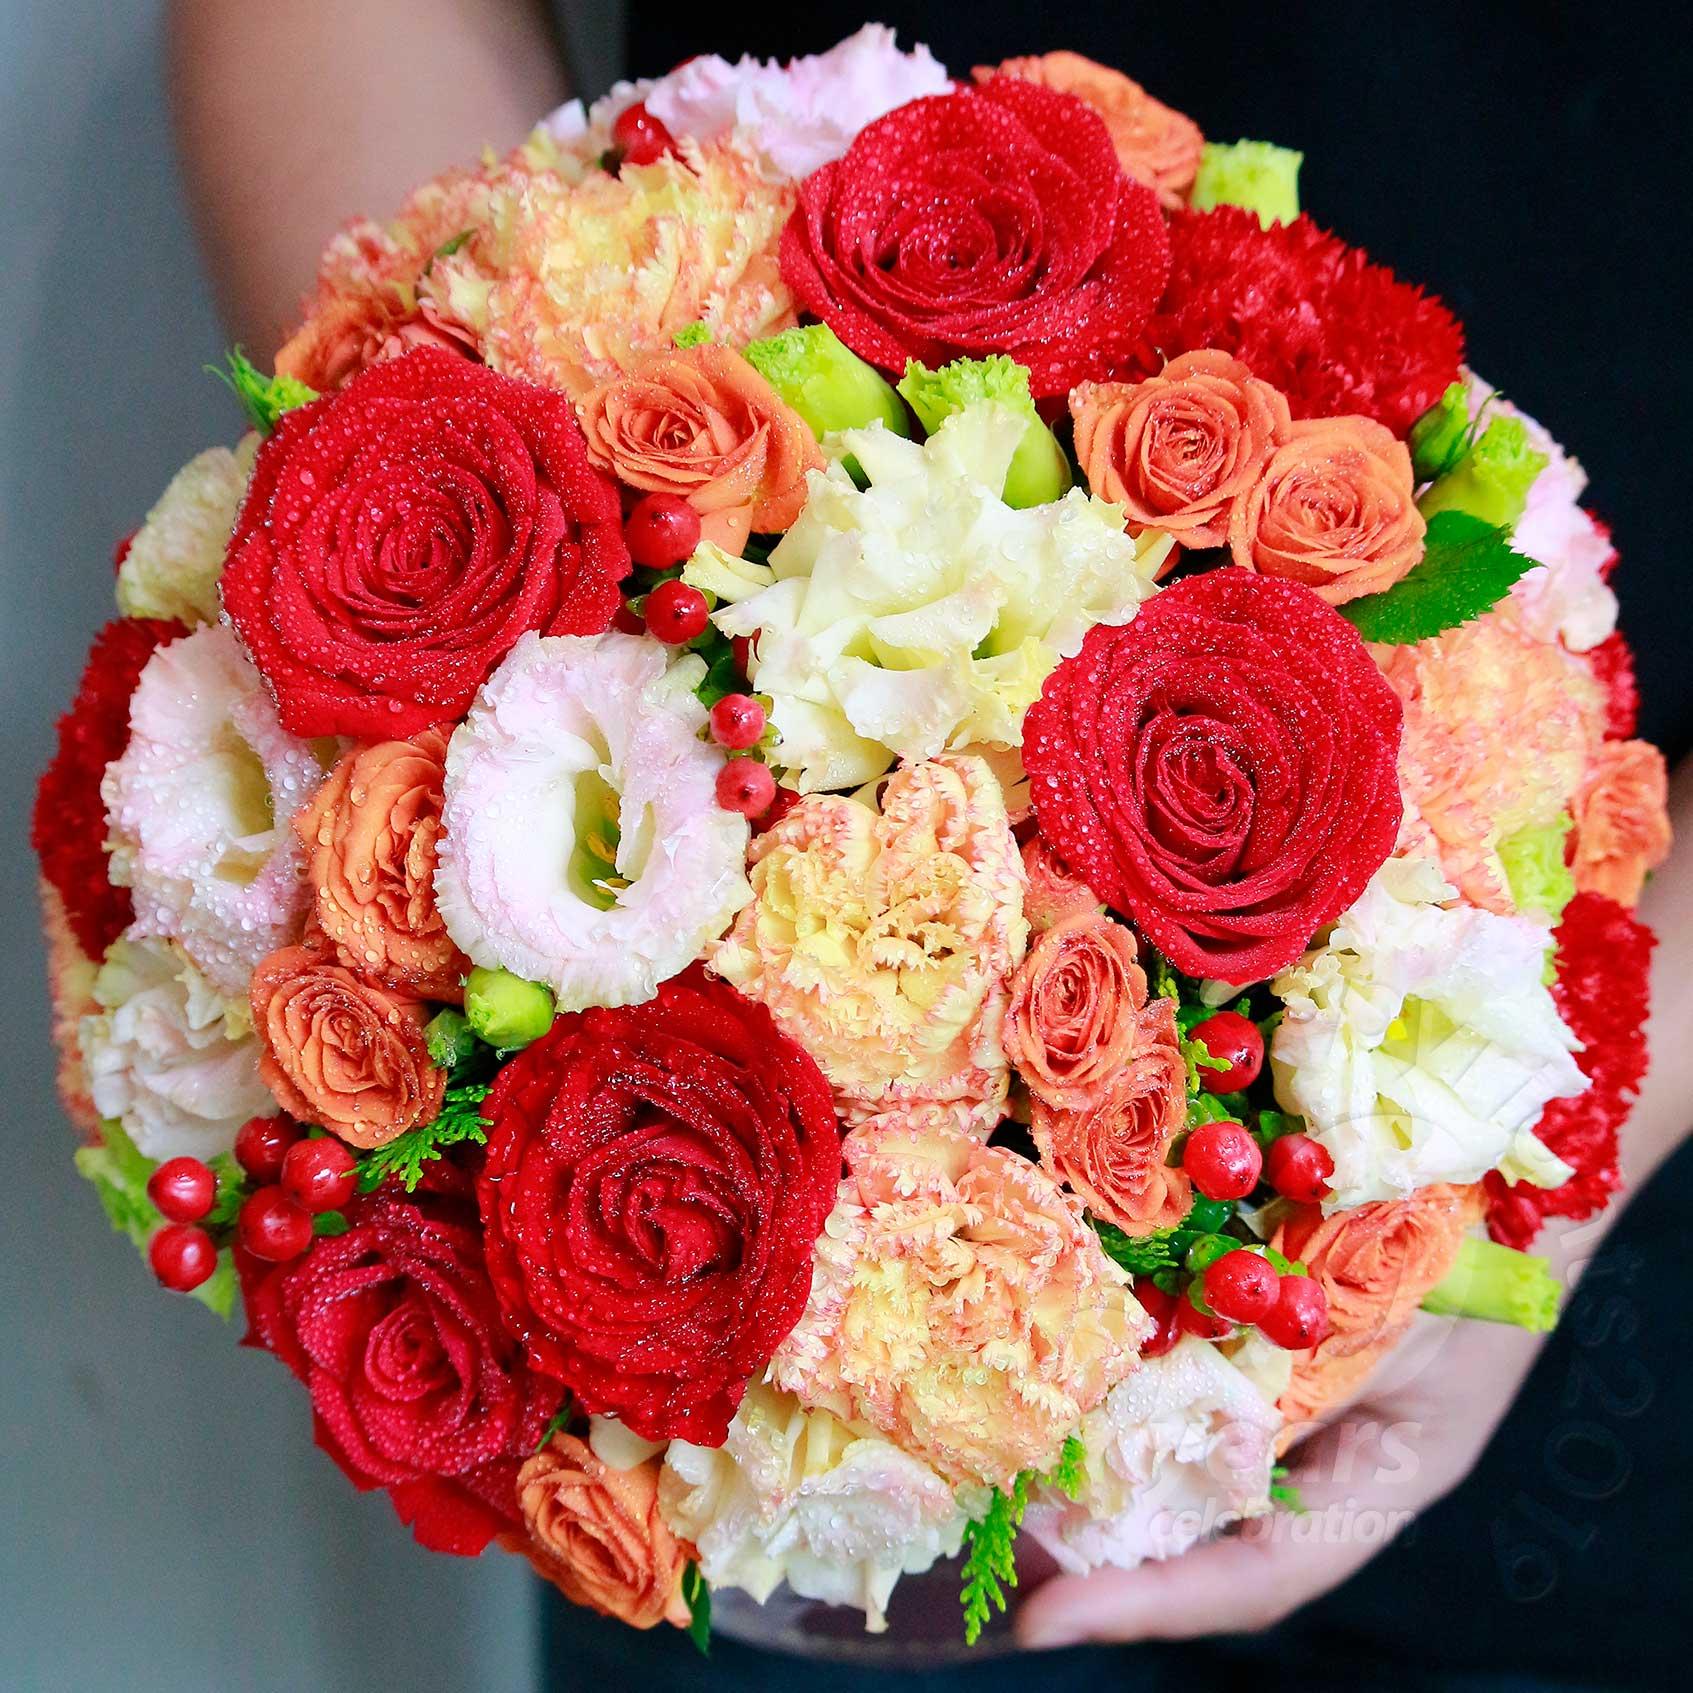 ร้านดอกไม้,ช่อดอกไม้,flowers shop,flowers delivery